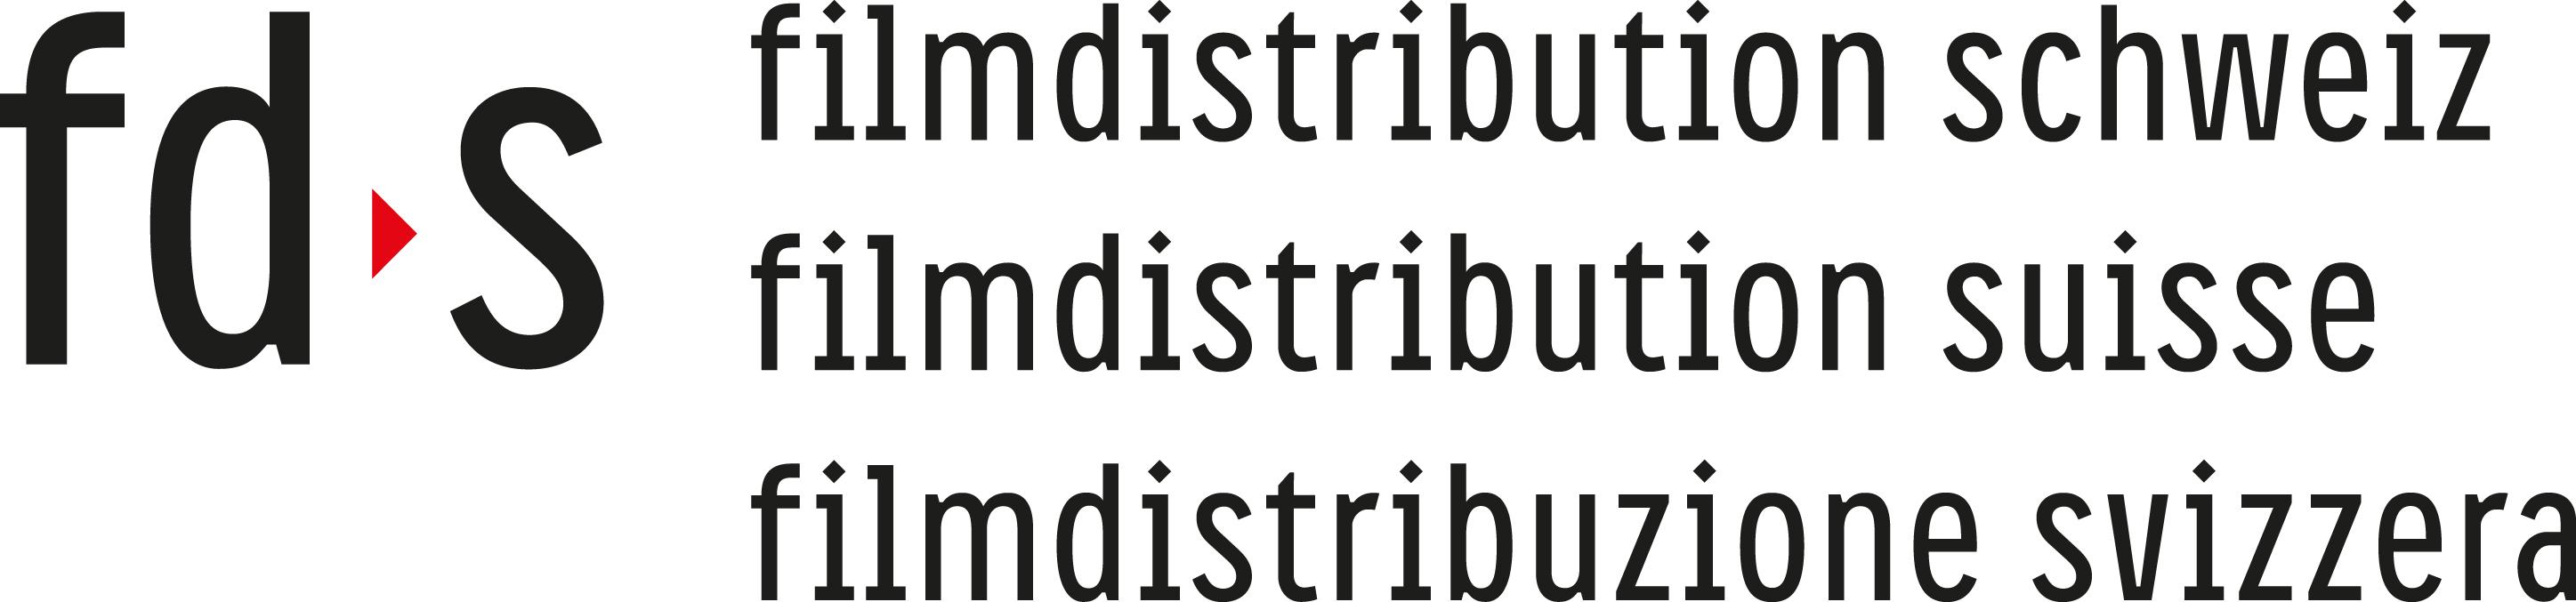 Swissfds-logo_2f